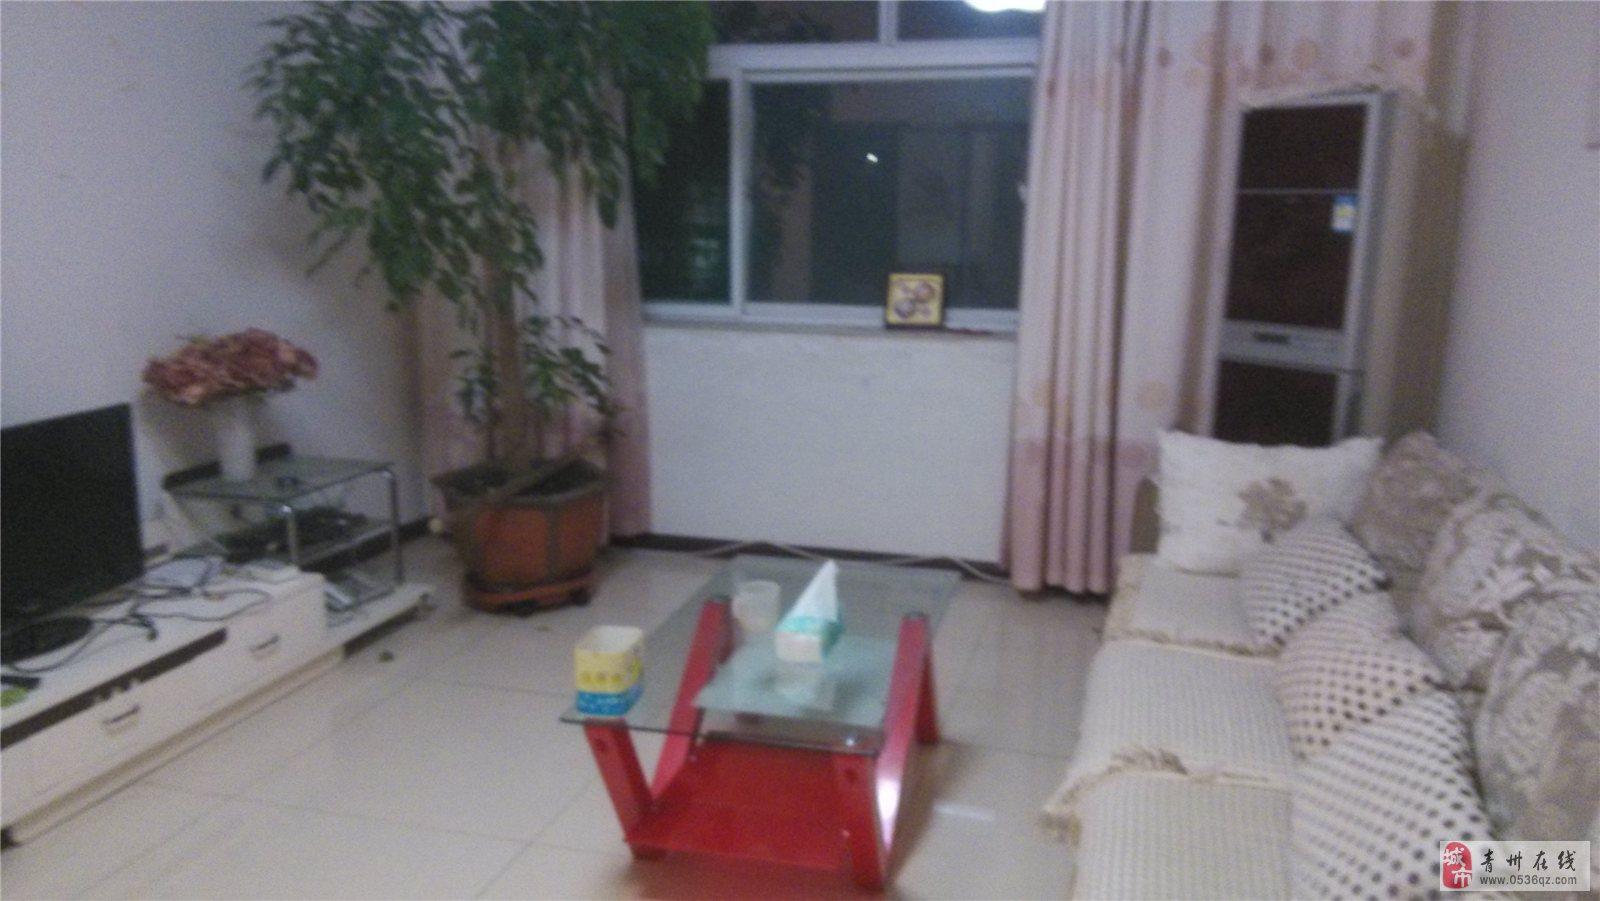 海天花园精装4楼三室两厅出租电视/网线/家具